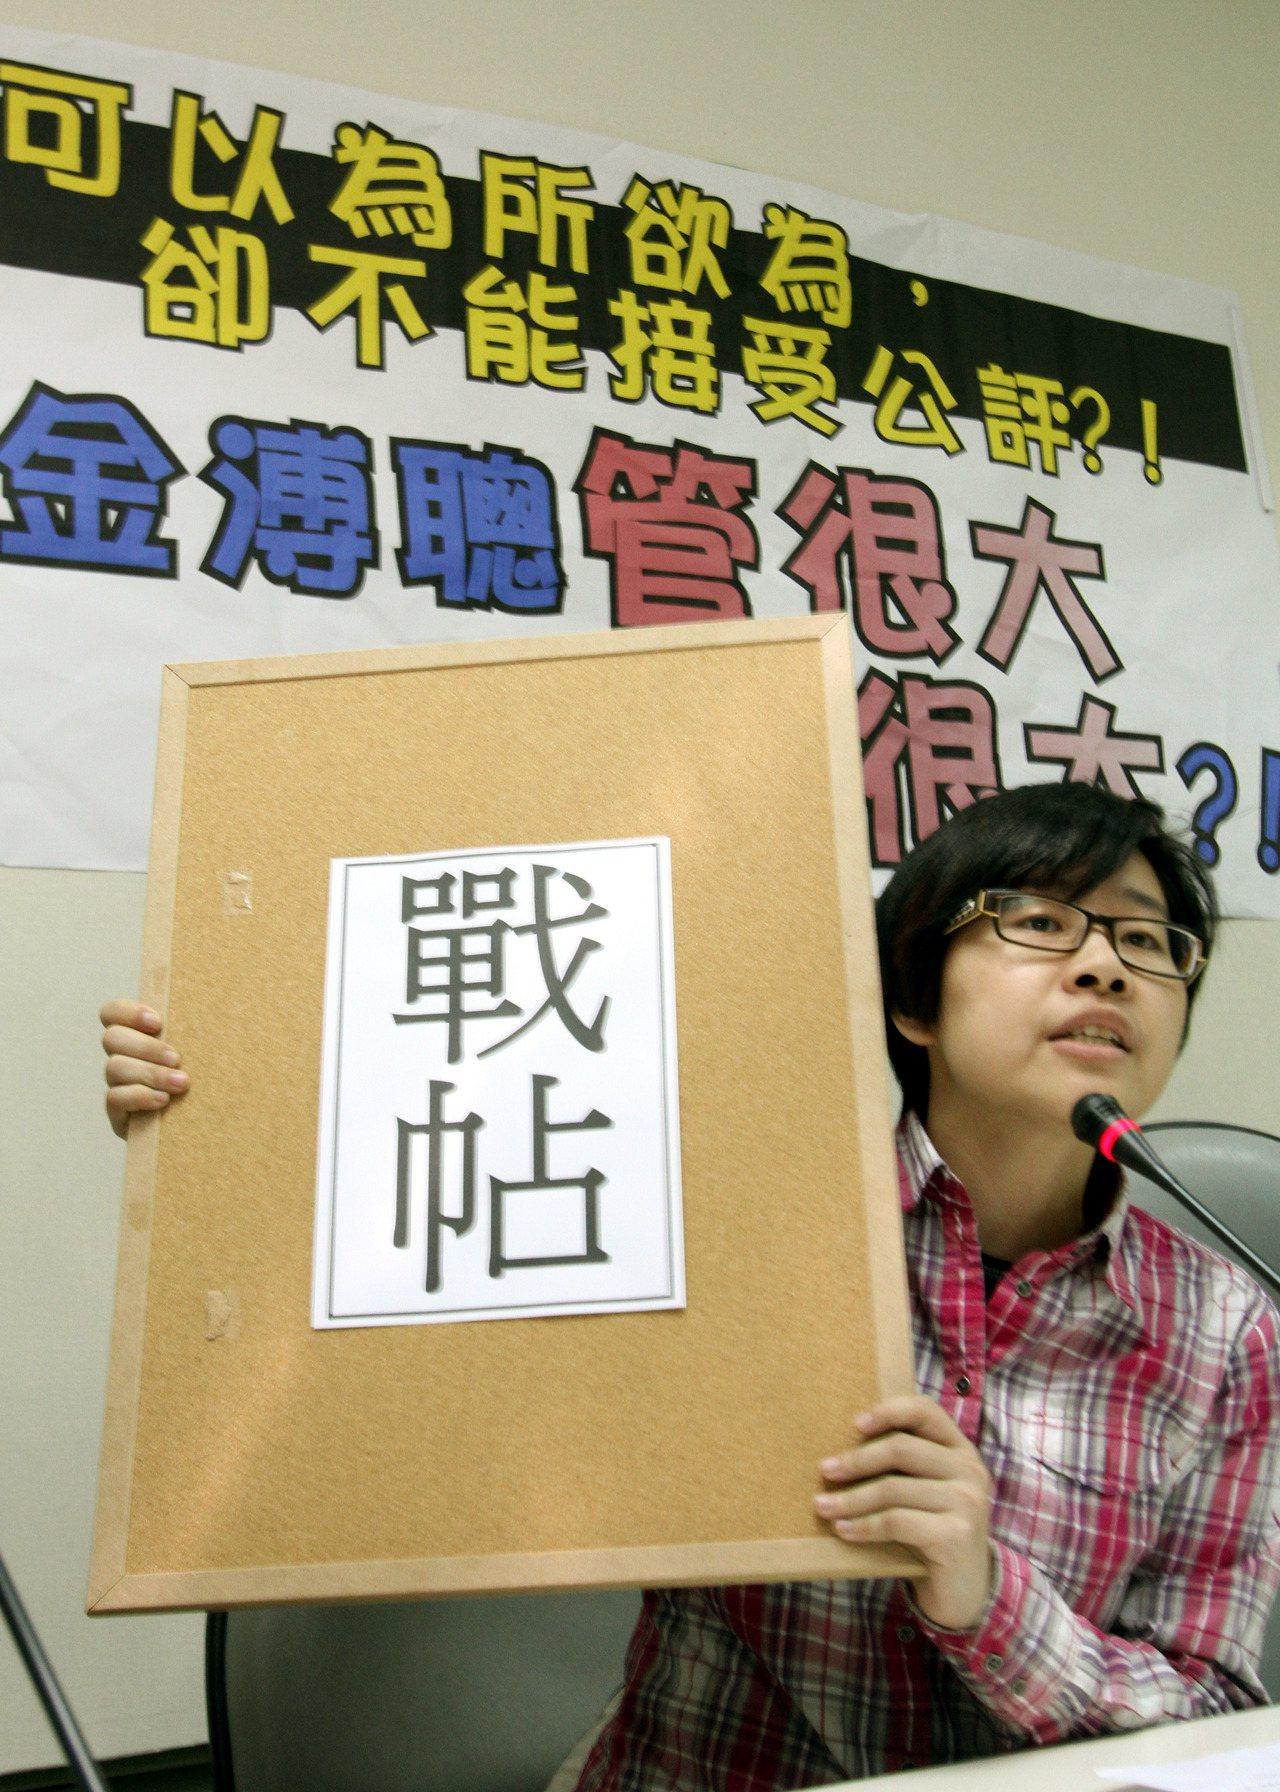 2011年杨蕙如在立法院民进党团举行记者会。本报资料照片